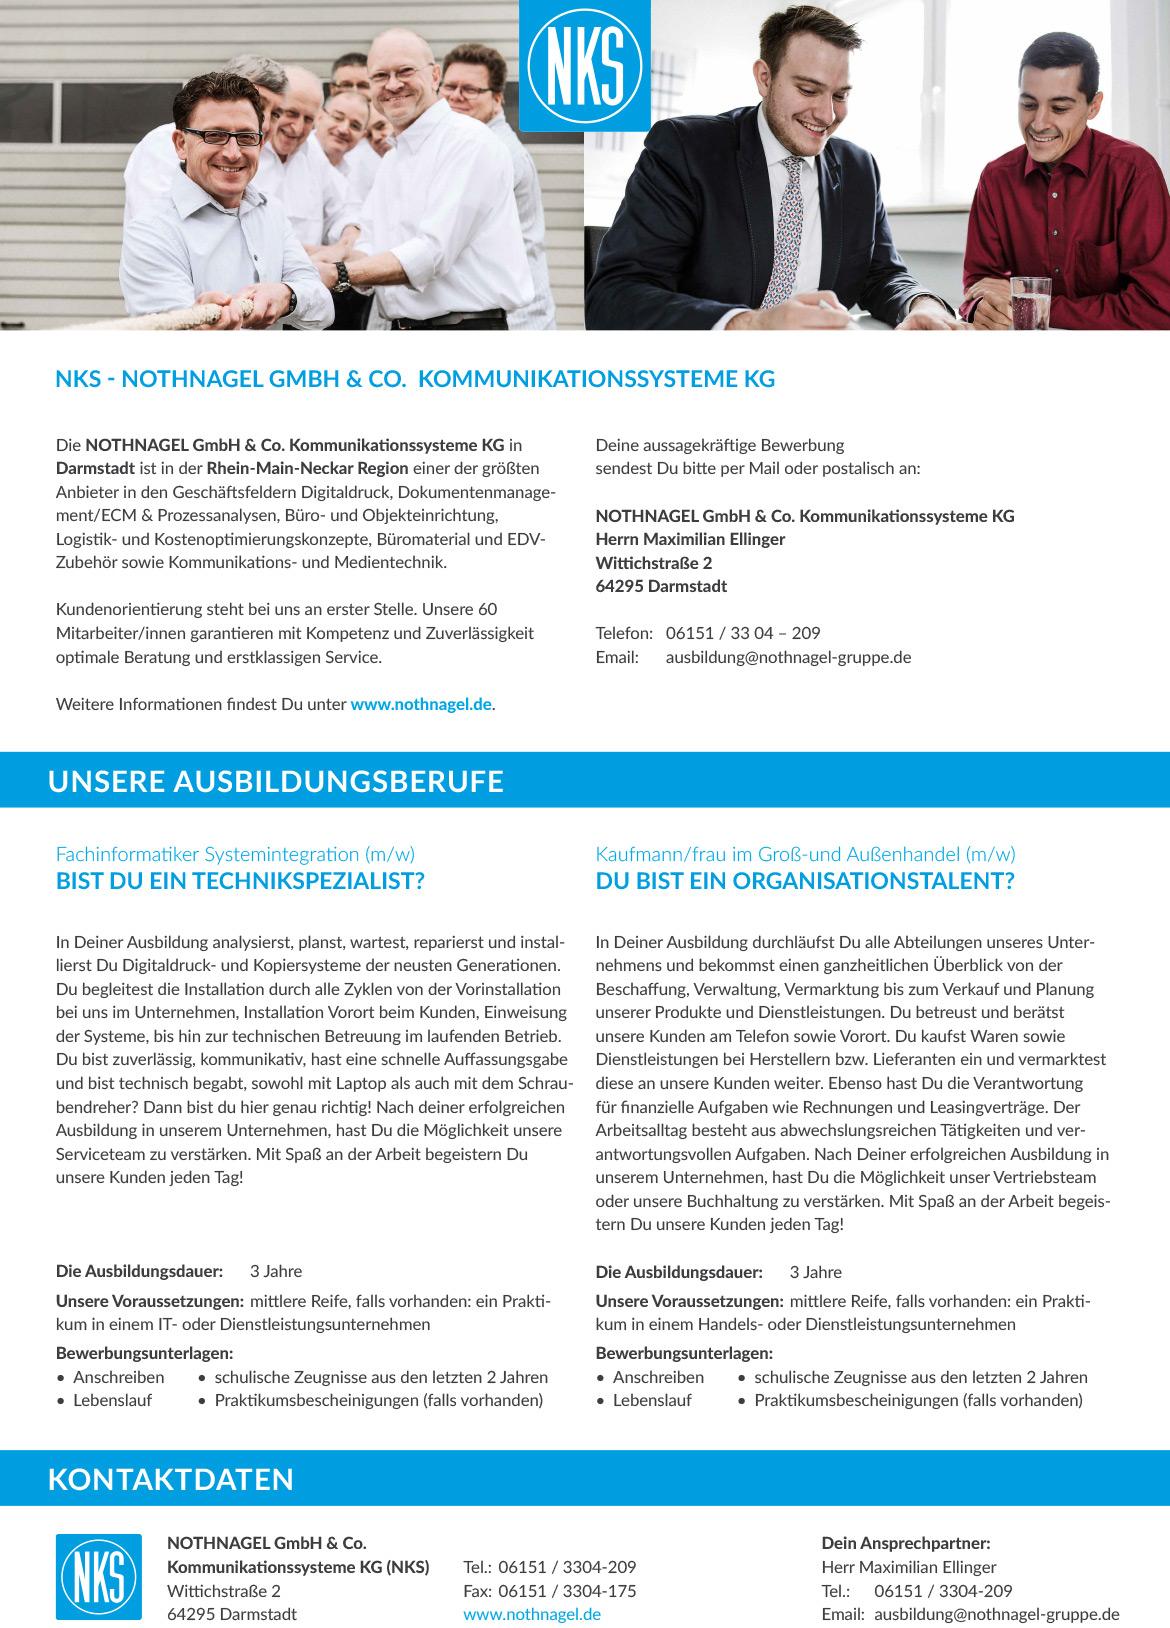 Ausbildungsplakat: NOTHNAGEL GmbH & Co. Kommunikationssysteme KG